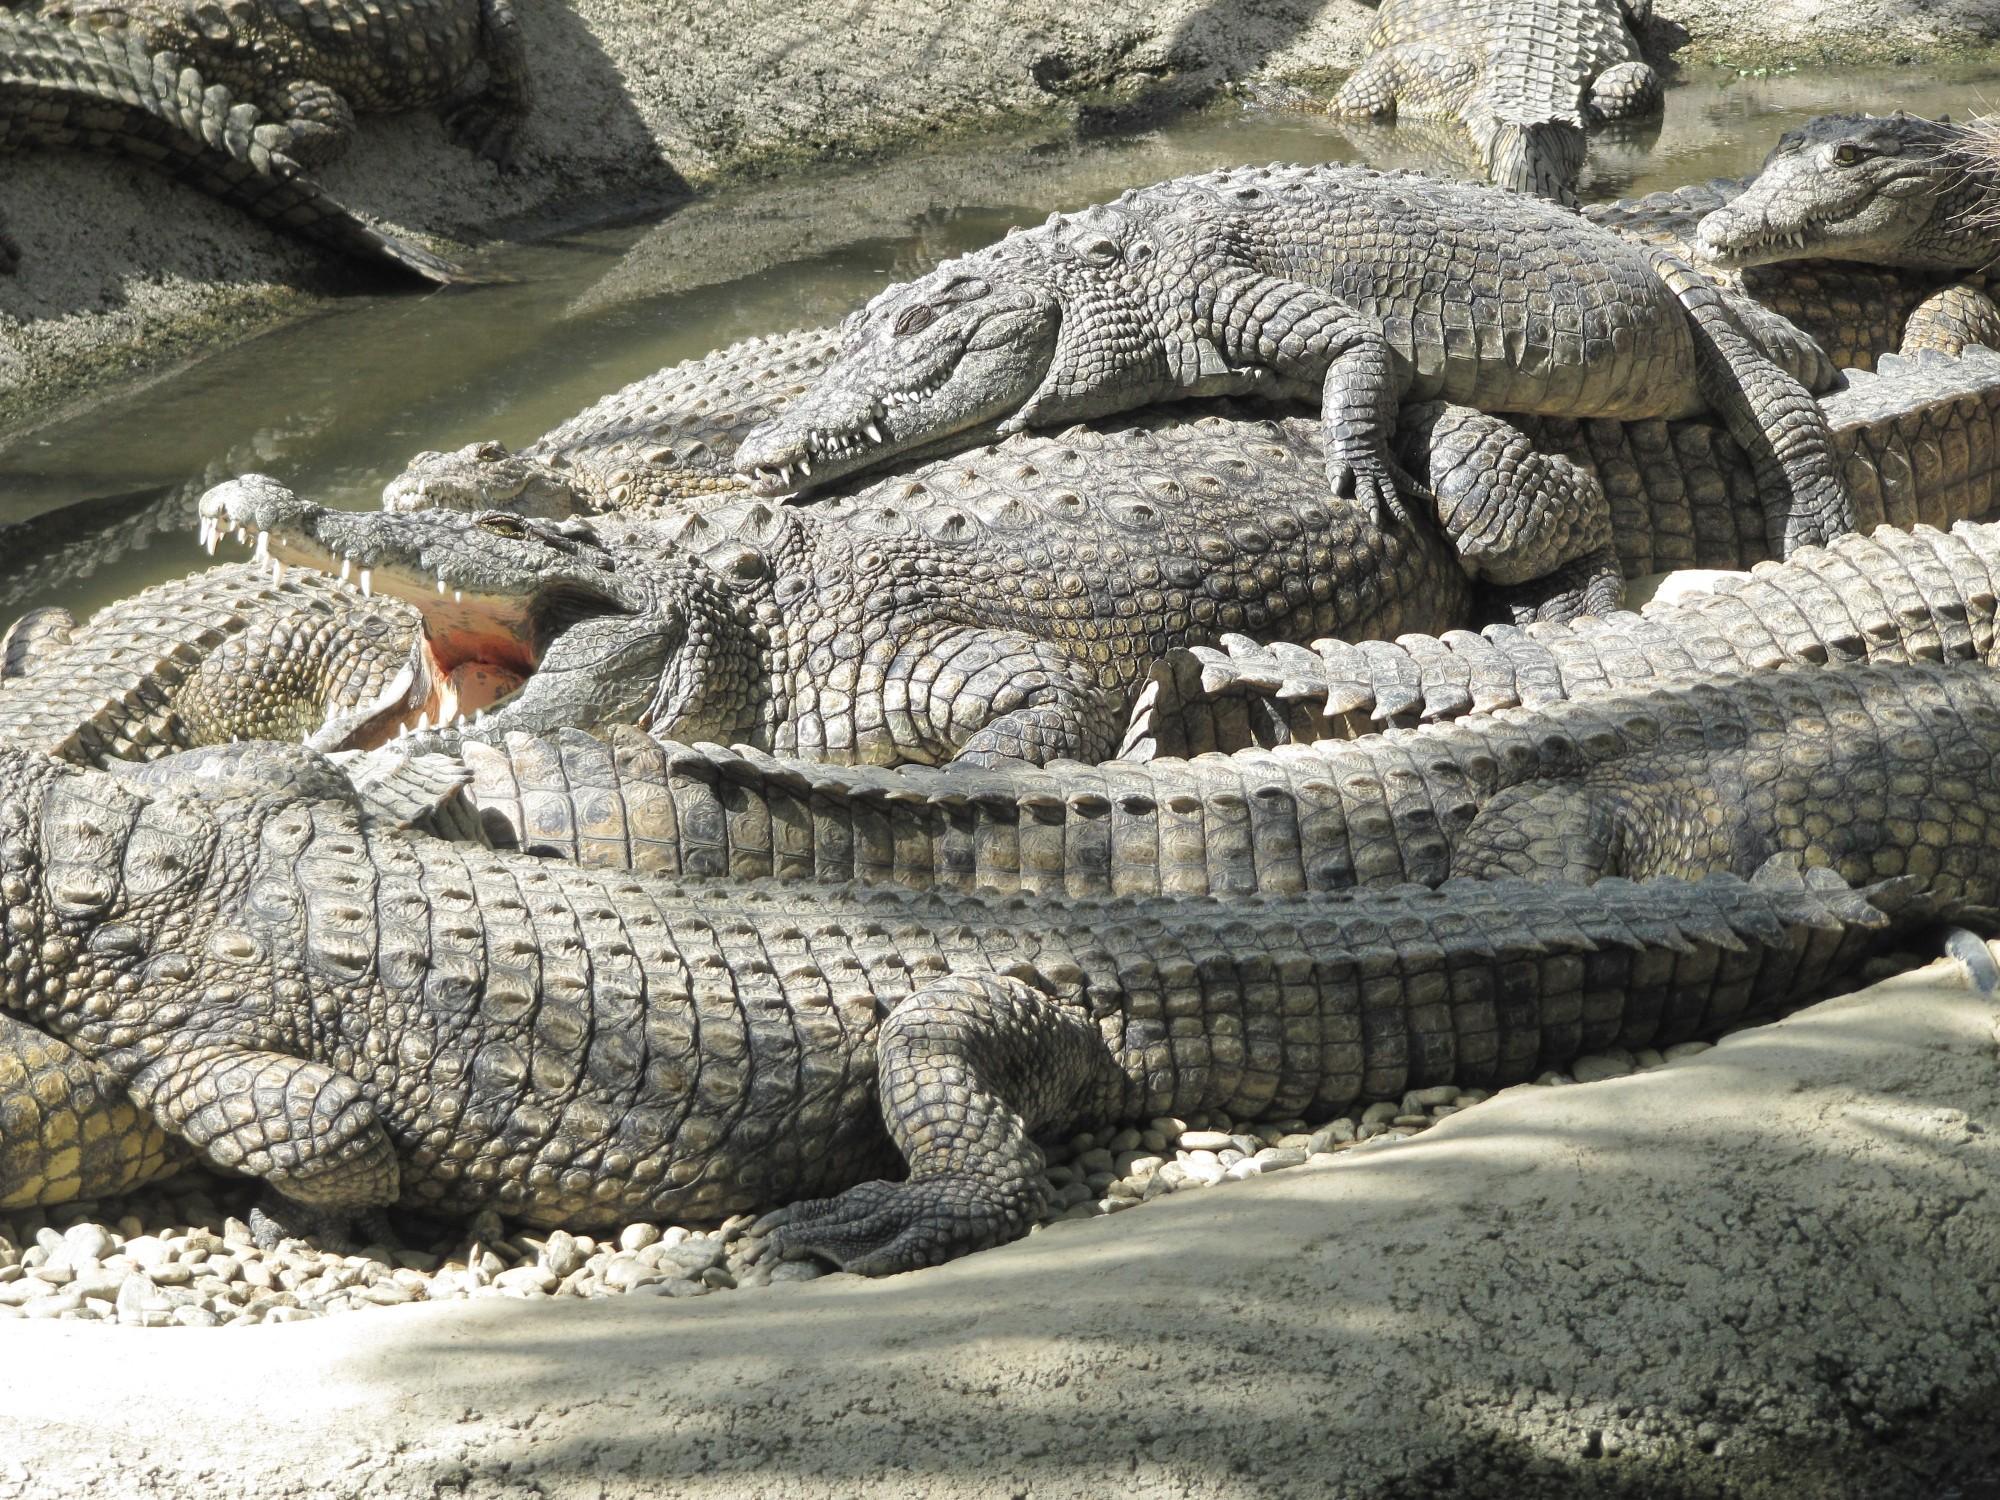 vist to crocodile park Dubai-crocodile-park-place-visit - dubai travel, tour, uae visa, dubai car rental, hotel booking, places visit in dubai, city guide directory and links.